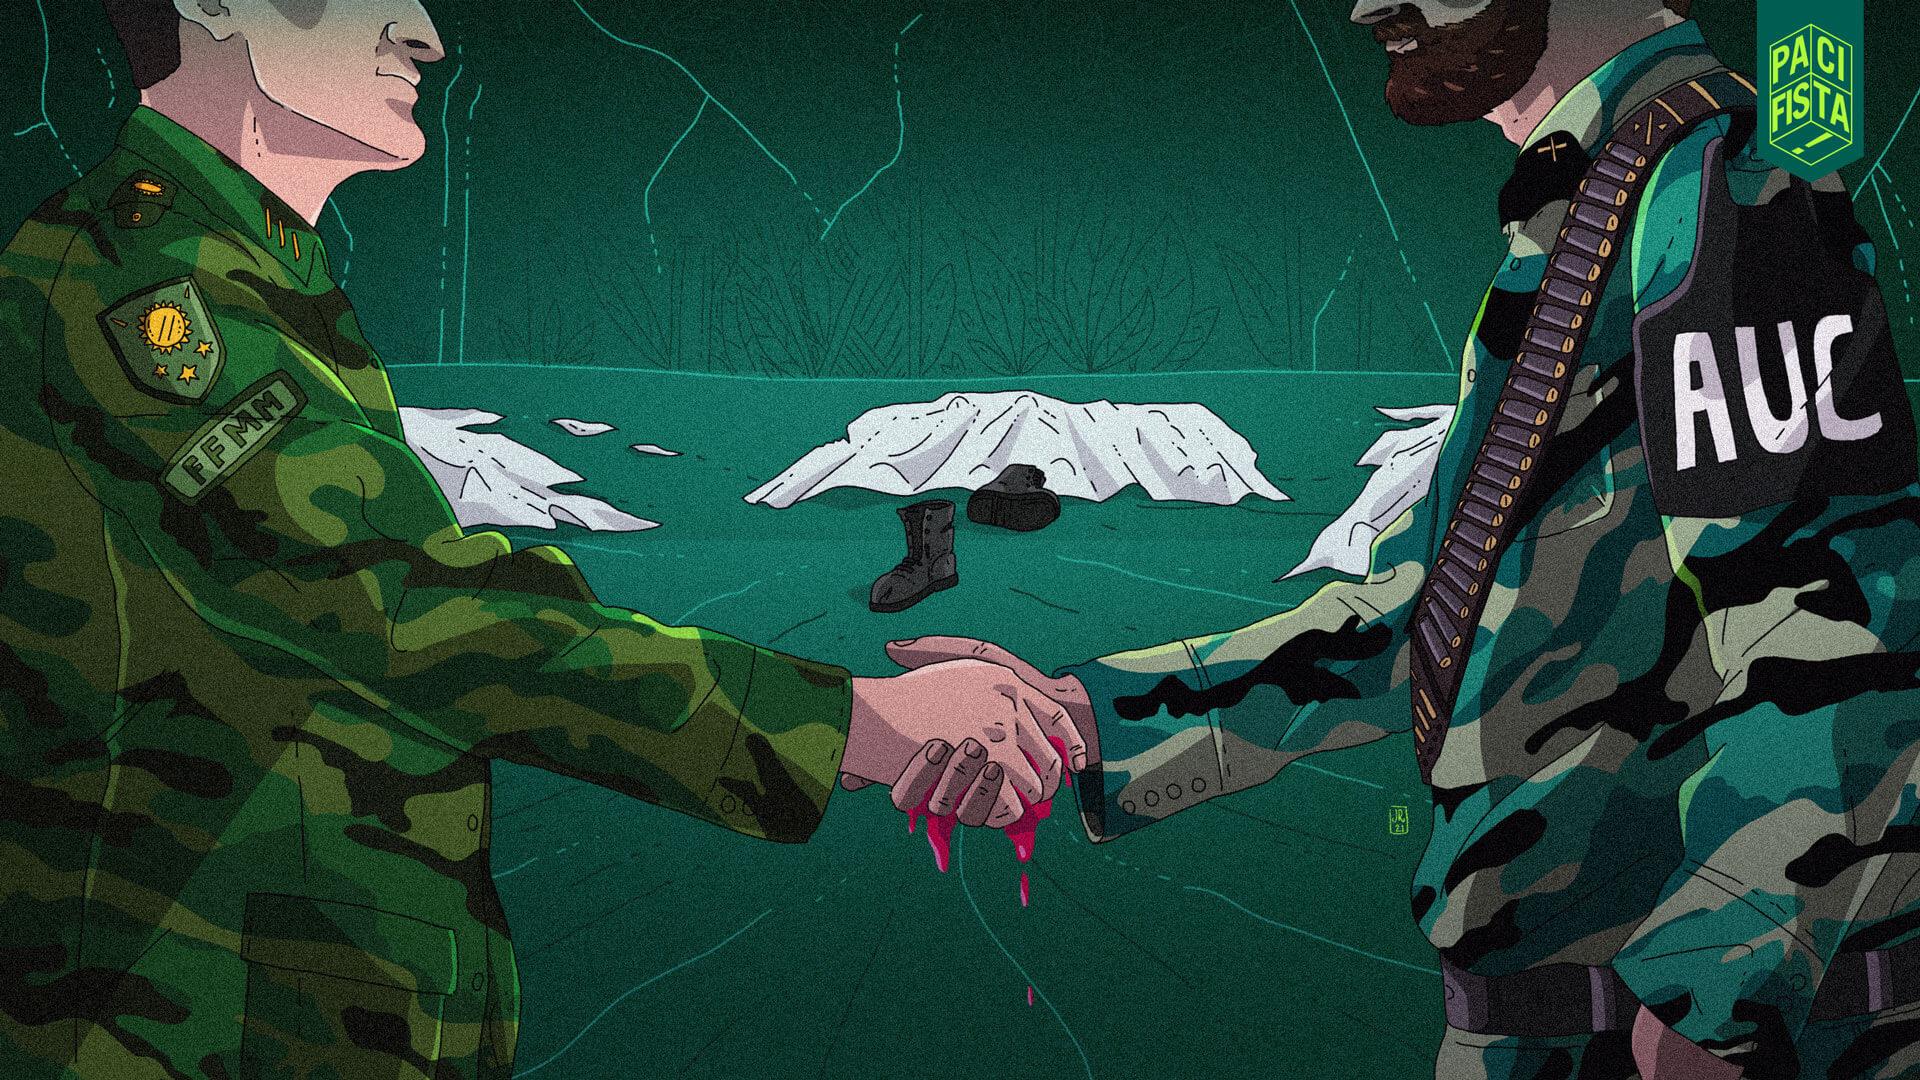 El matrimonio entre el Ejército y los paramilitares para perpetrar 'falsos positivos' en el Caribe